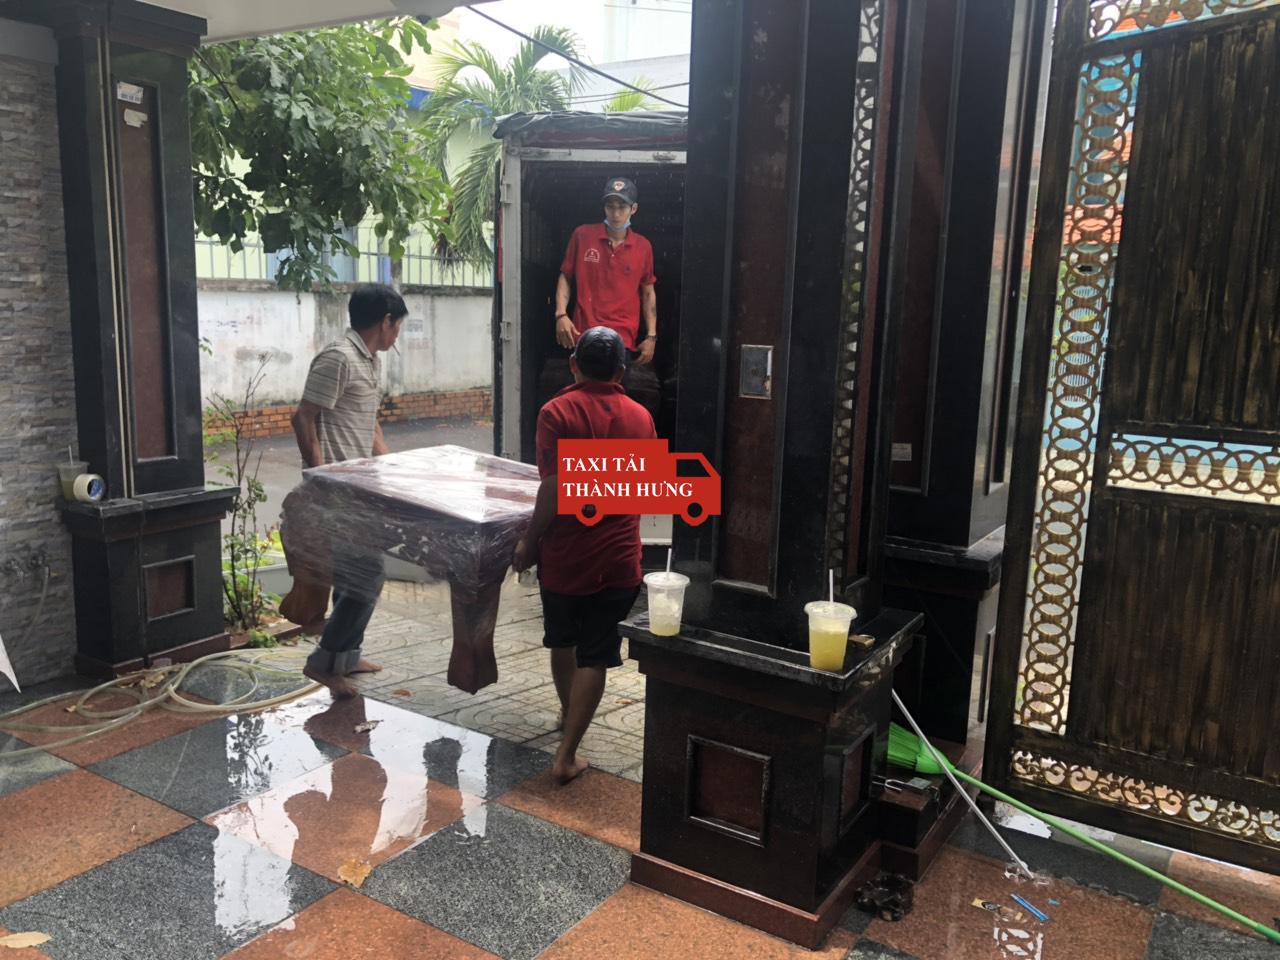 chuyển nhà thành hưng,Taxi tải Thành Hưng chuyển đồ nhanh quận Bình Thạnh